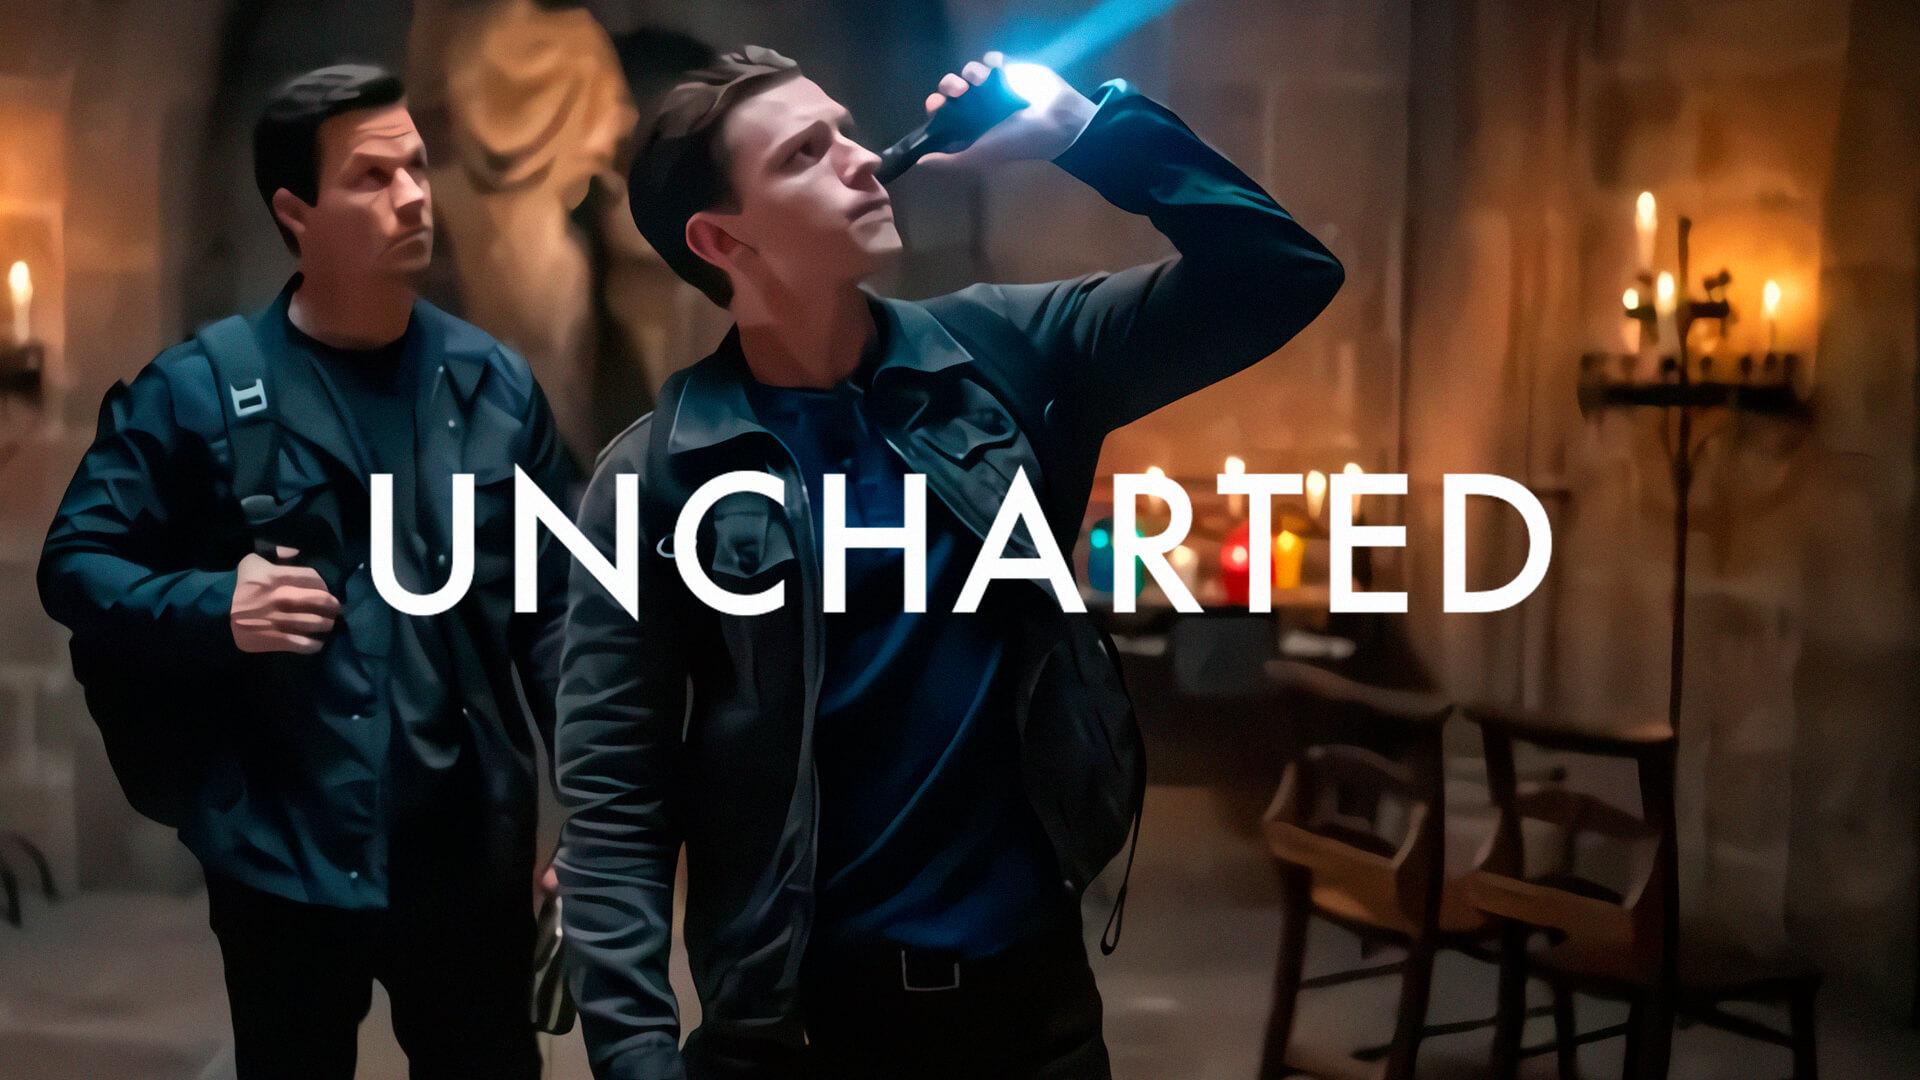 A Sony decidiu revelar um pequeno teaser de dois segundos de Uncharted: O Filme, mostrando uma cena com Tom Holland.